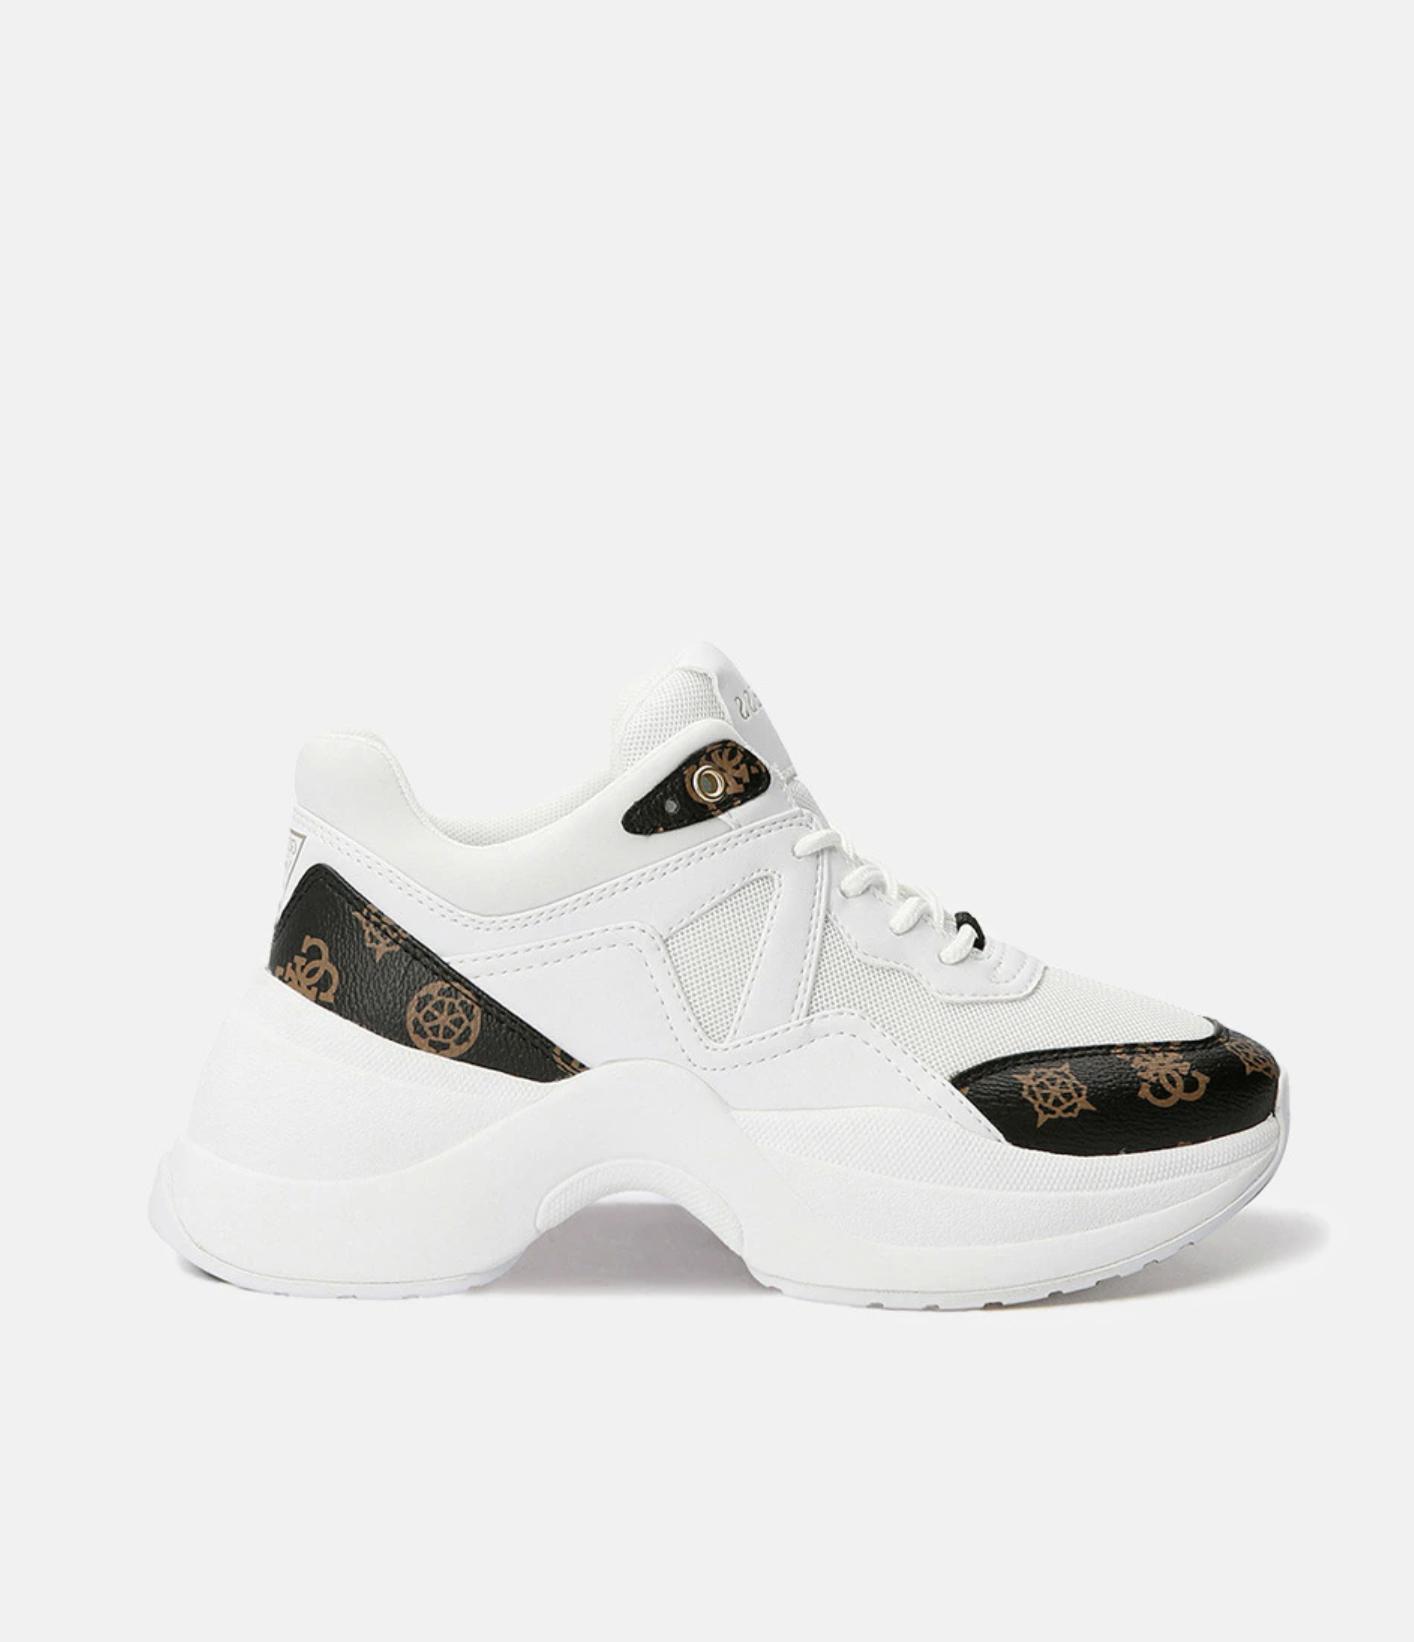 Zapatillas deportivas de mujer Guess tipo bota en blanco con multi logo de la marca